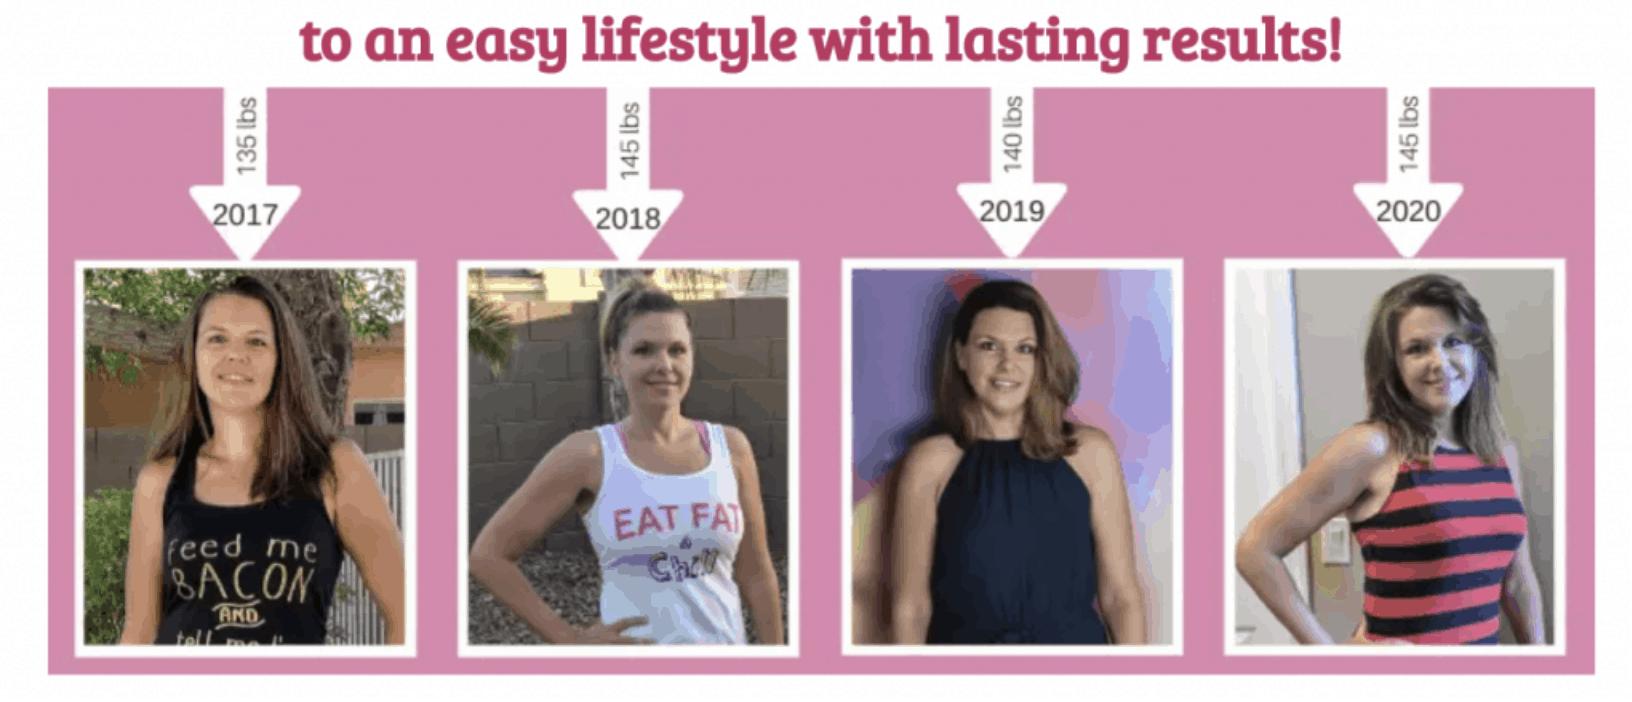 no more yo yo diet after keto lifestyle